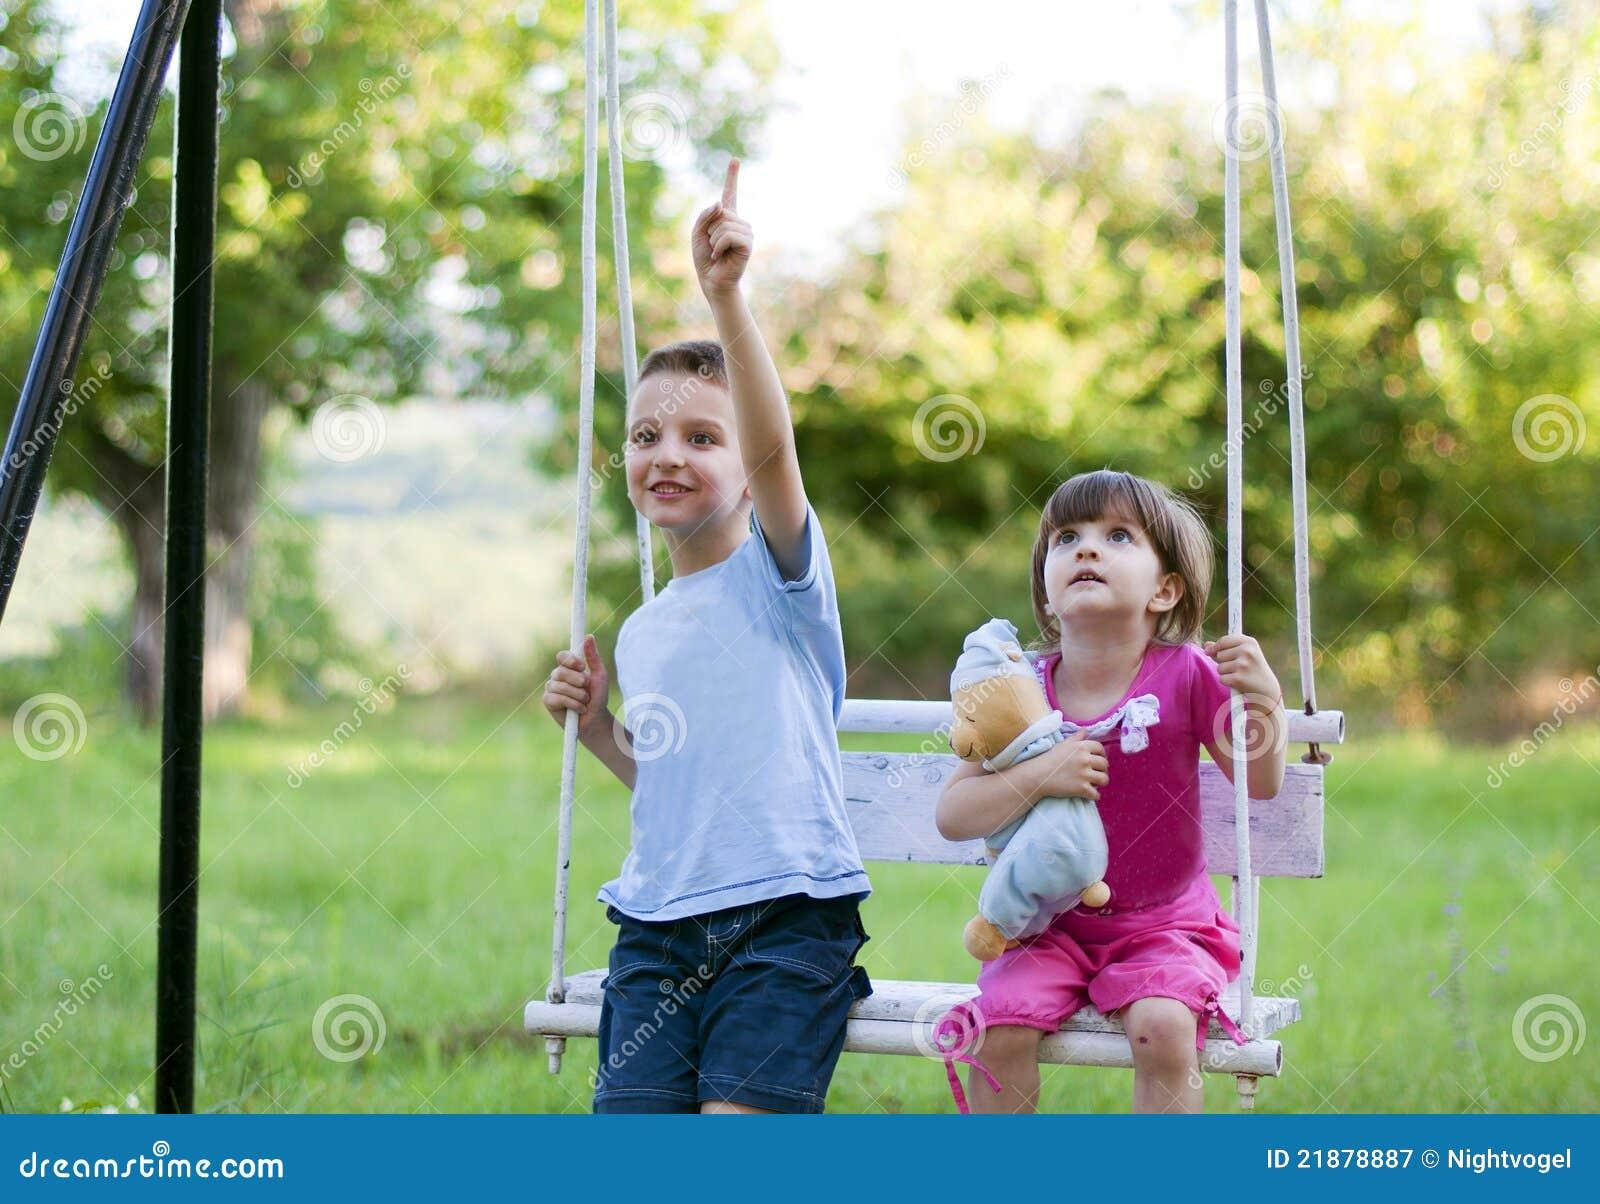 swing sis